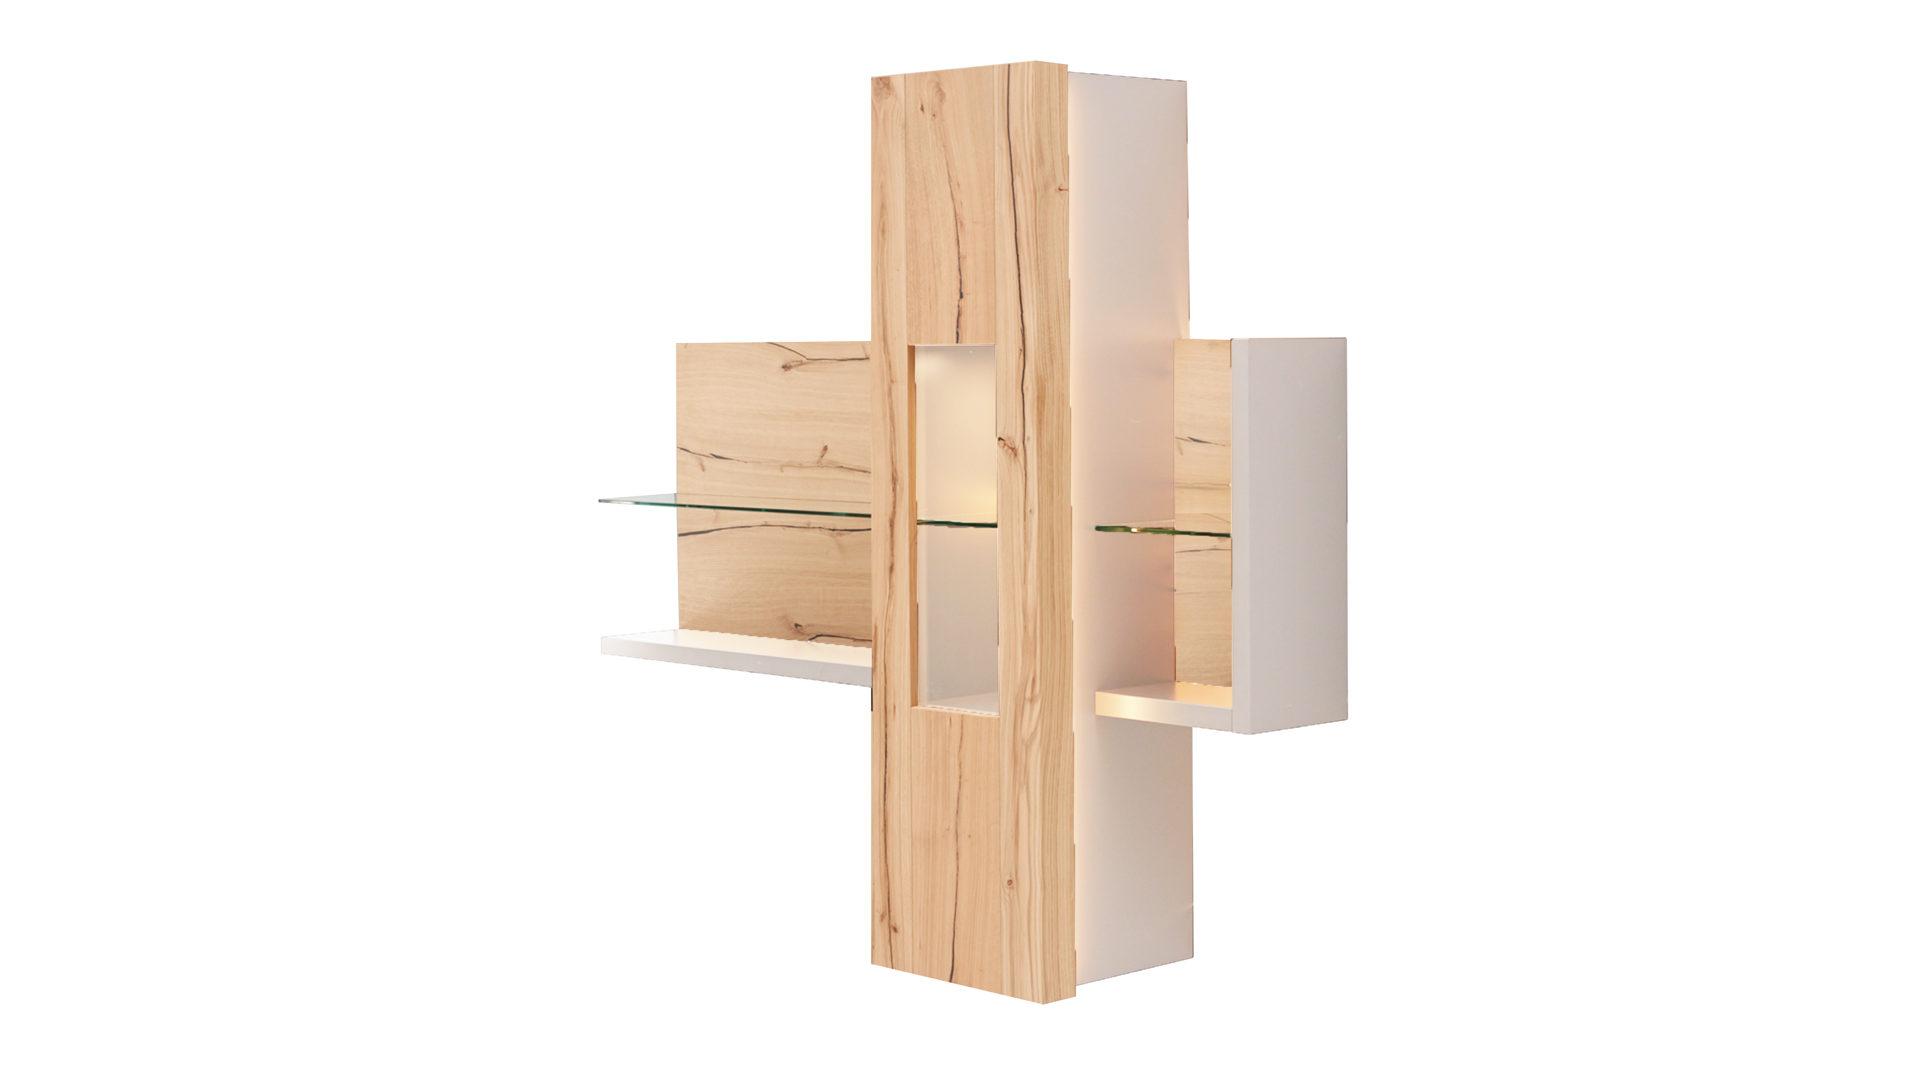 Interliving Wohnzimmer Serie 2103 – Regal mit Vitrine, mattweißer Lack &  Asteiche – ca. 165 x 62 cm